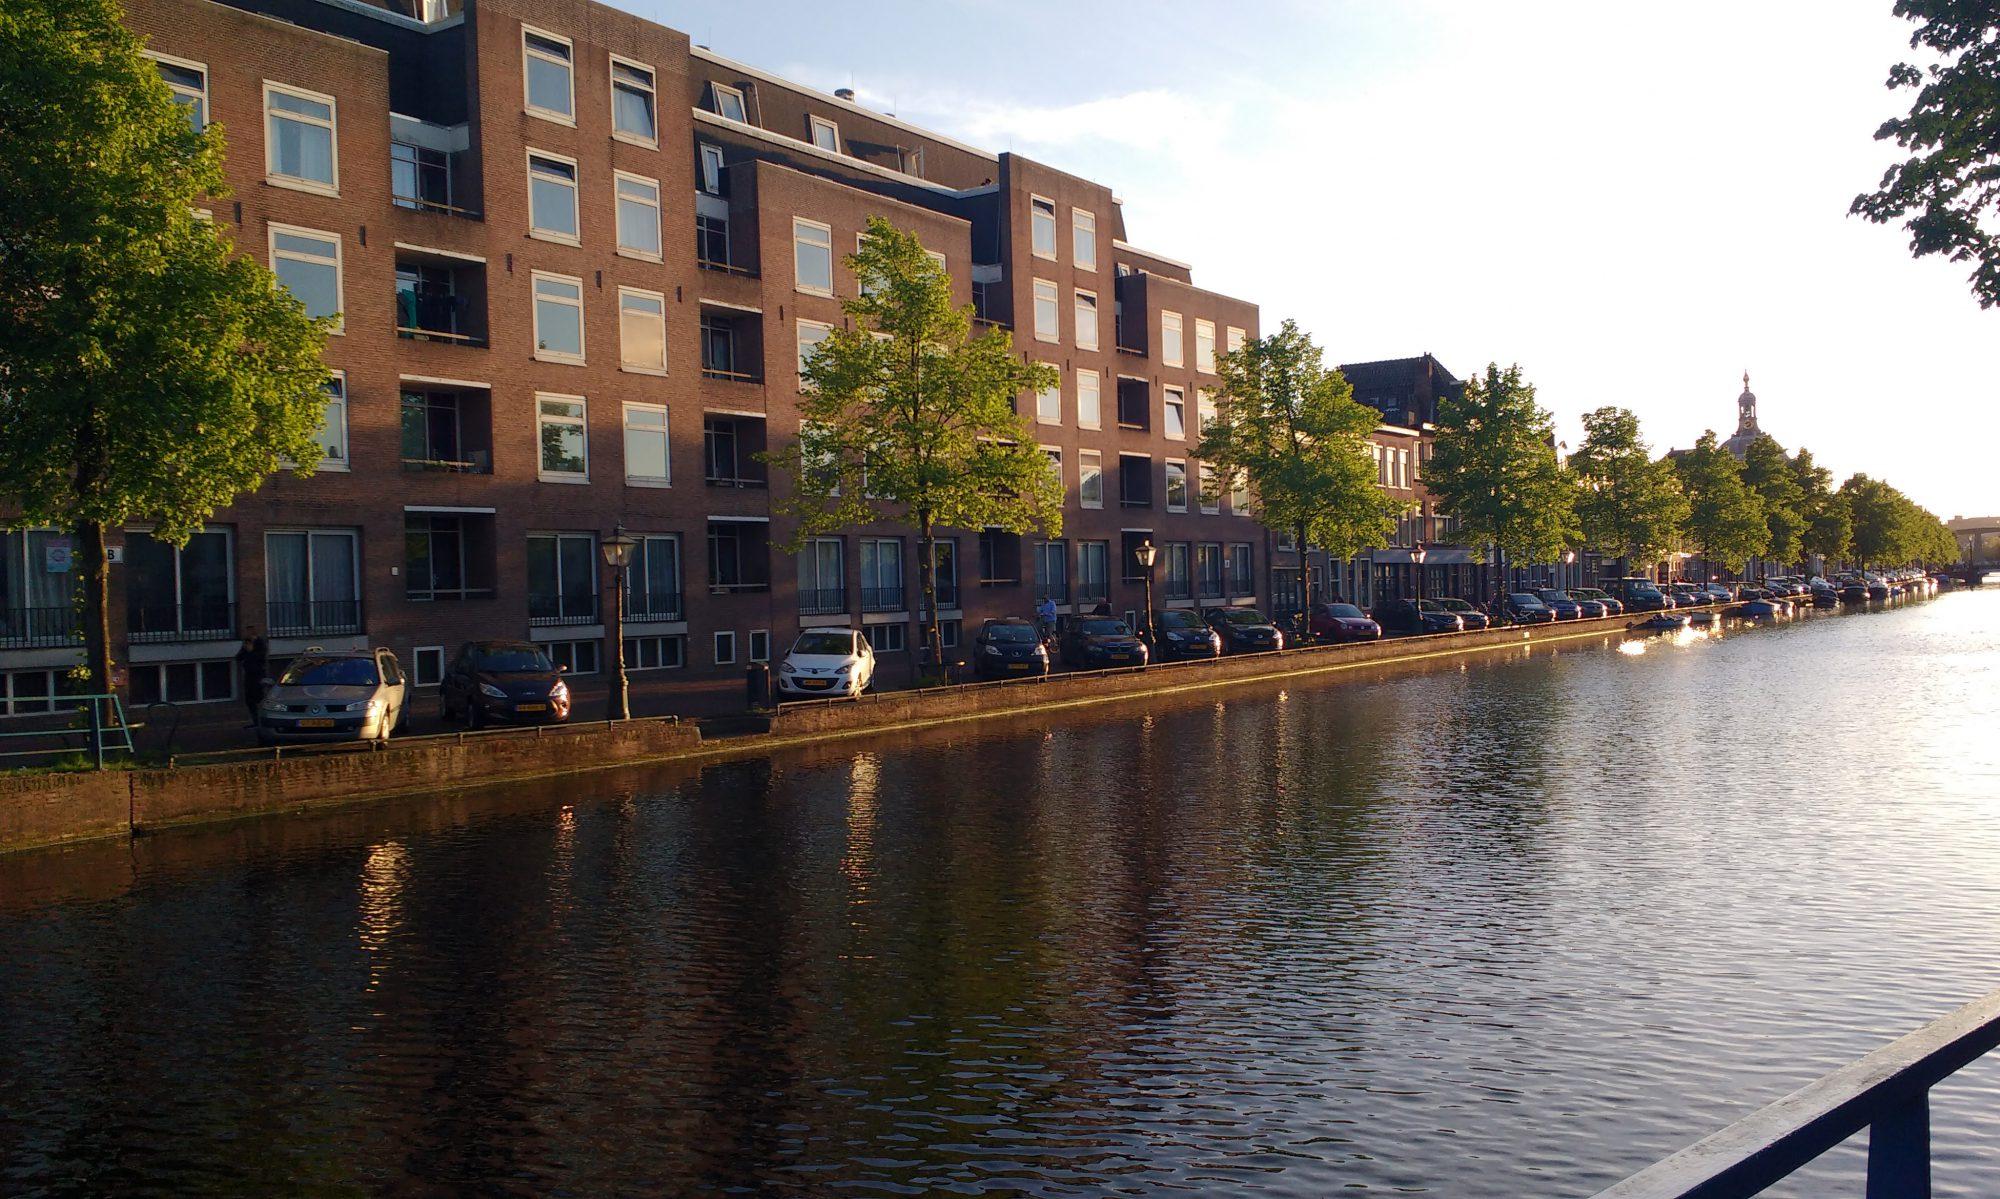 Pelikaanhof.nl